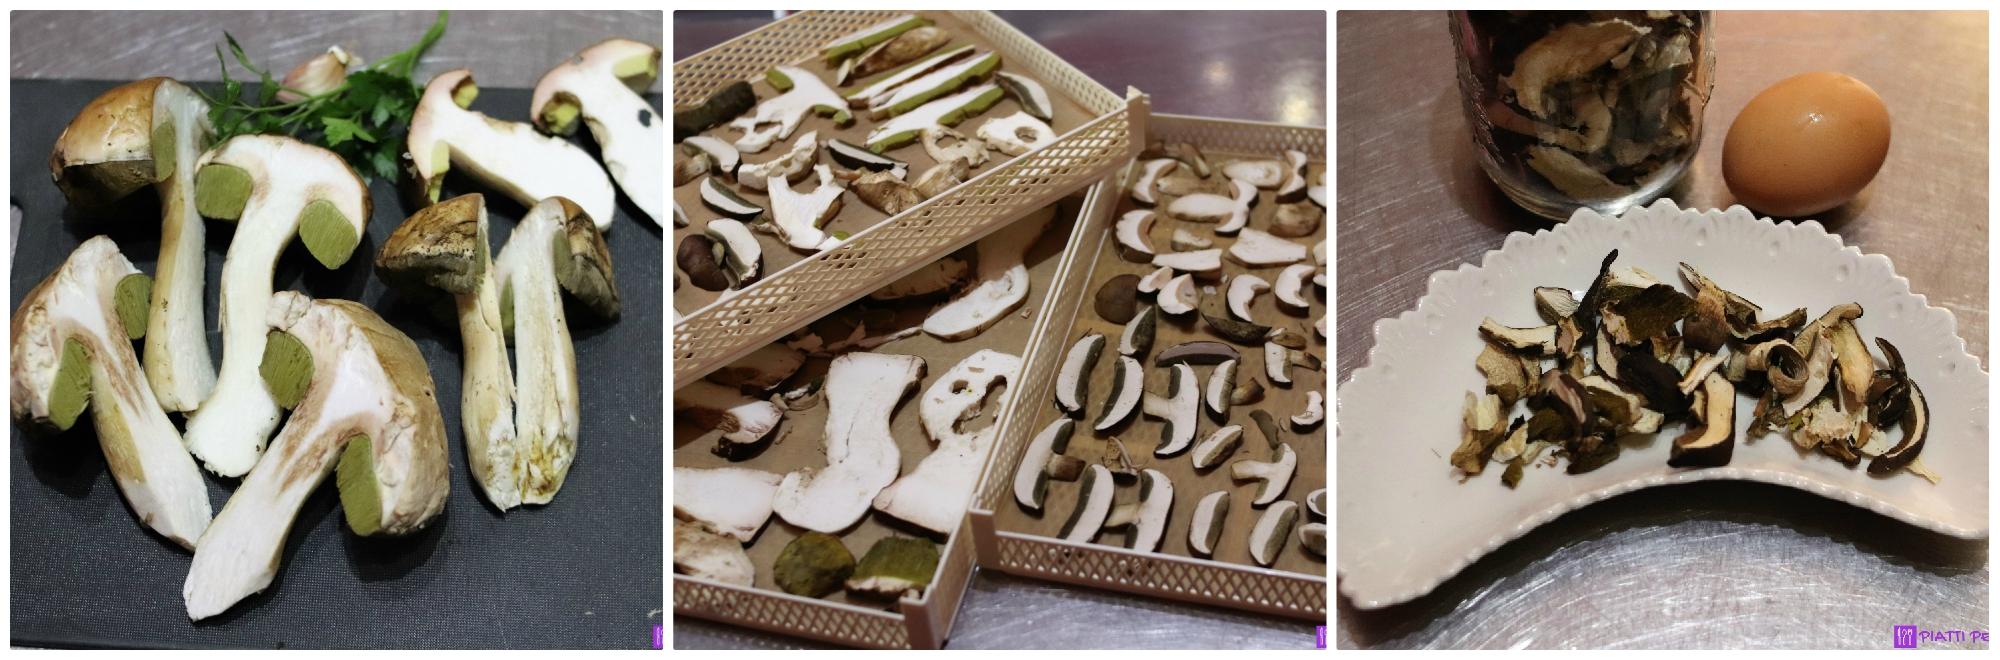 Tagliatelle con funghi